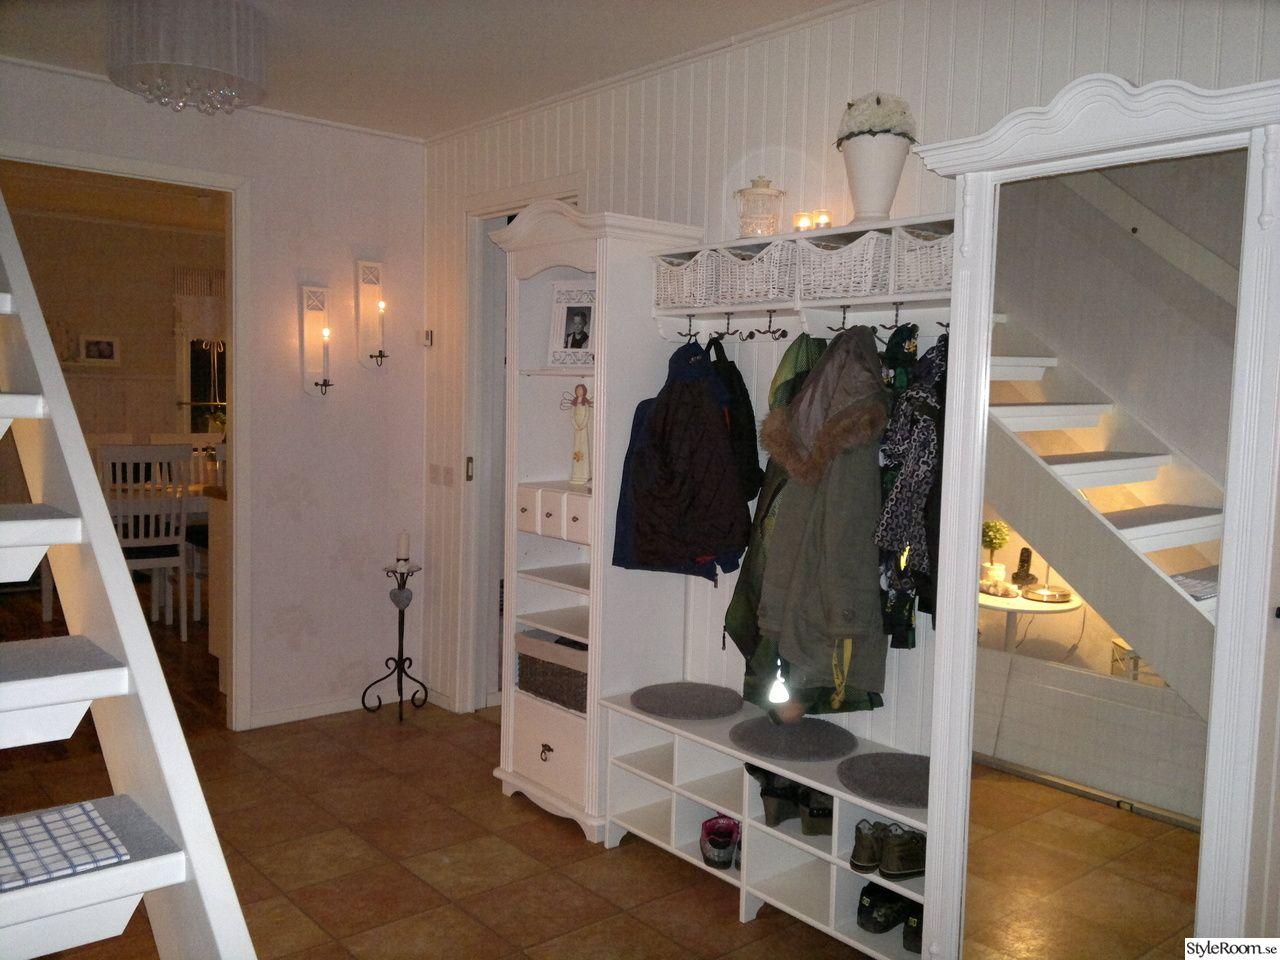 ikea,hallmöbler,ljusstakar,shabby,lantligt,panelvägg,hall Inredning Pinterest Shabby, Ikea